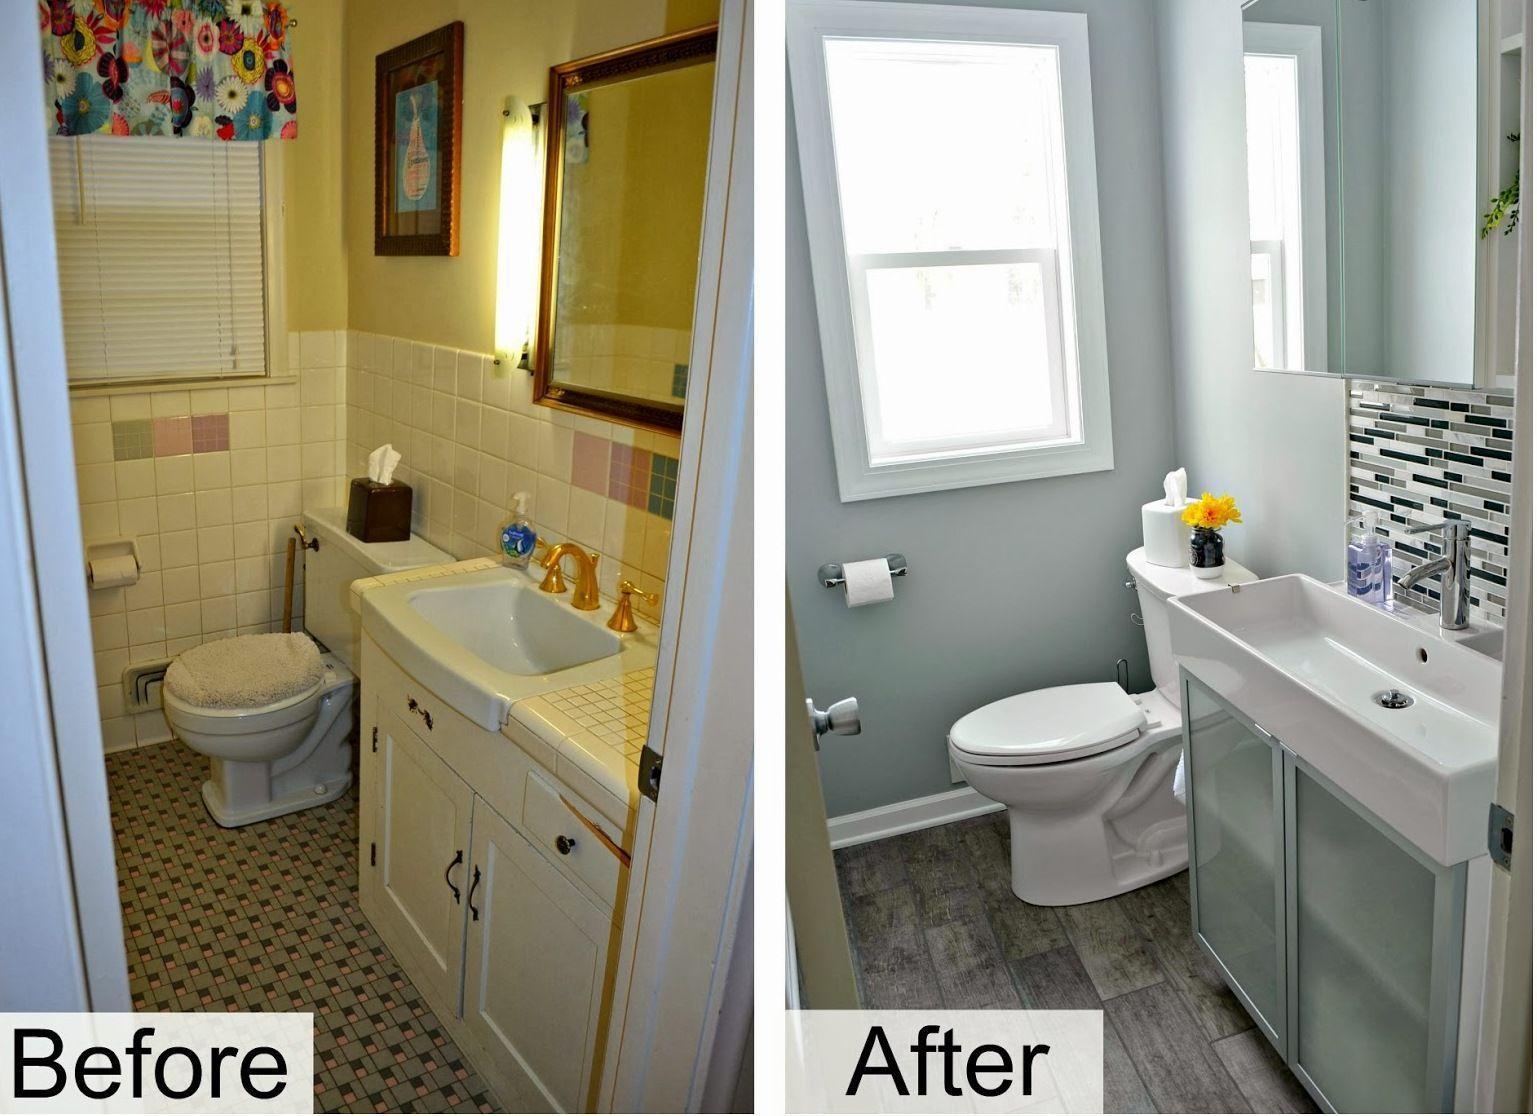 House Project To Increase Value In 2020 Small Bathroom Diy Bathroom Renovation Diy Simple Bathroom Remodel